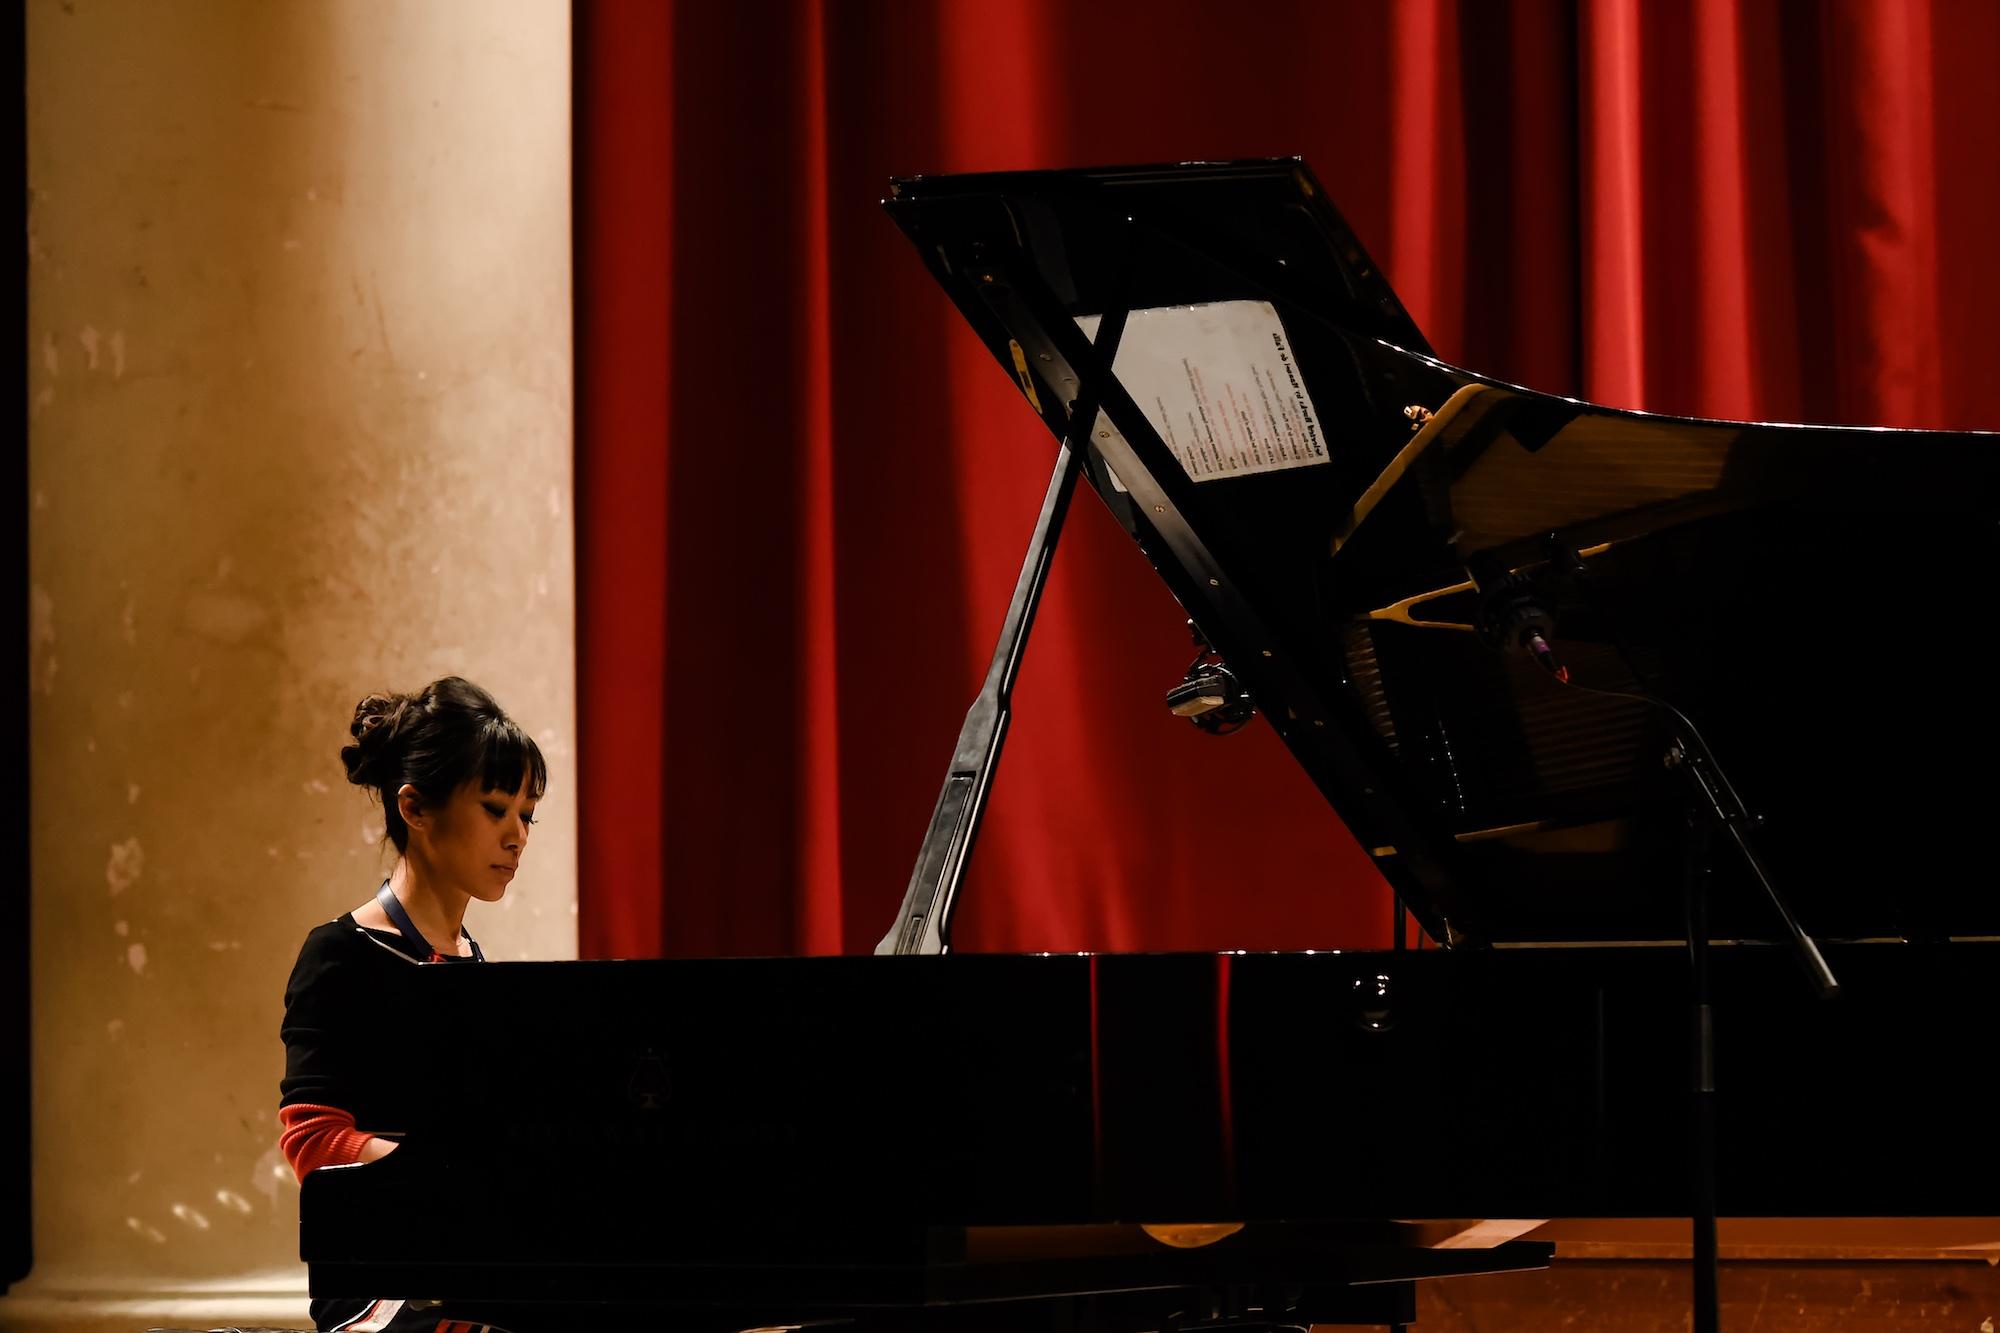 aisa-ijiri-carnegie-hall-steinway-piano-11